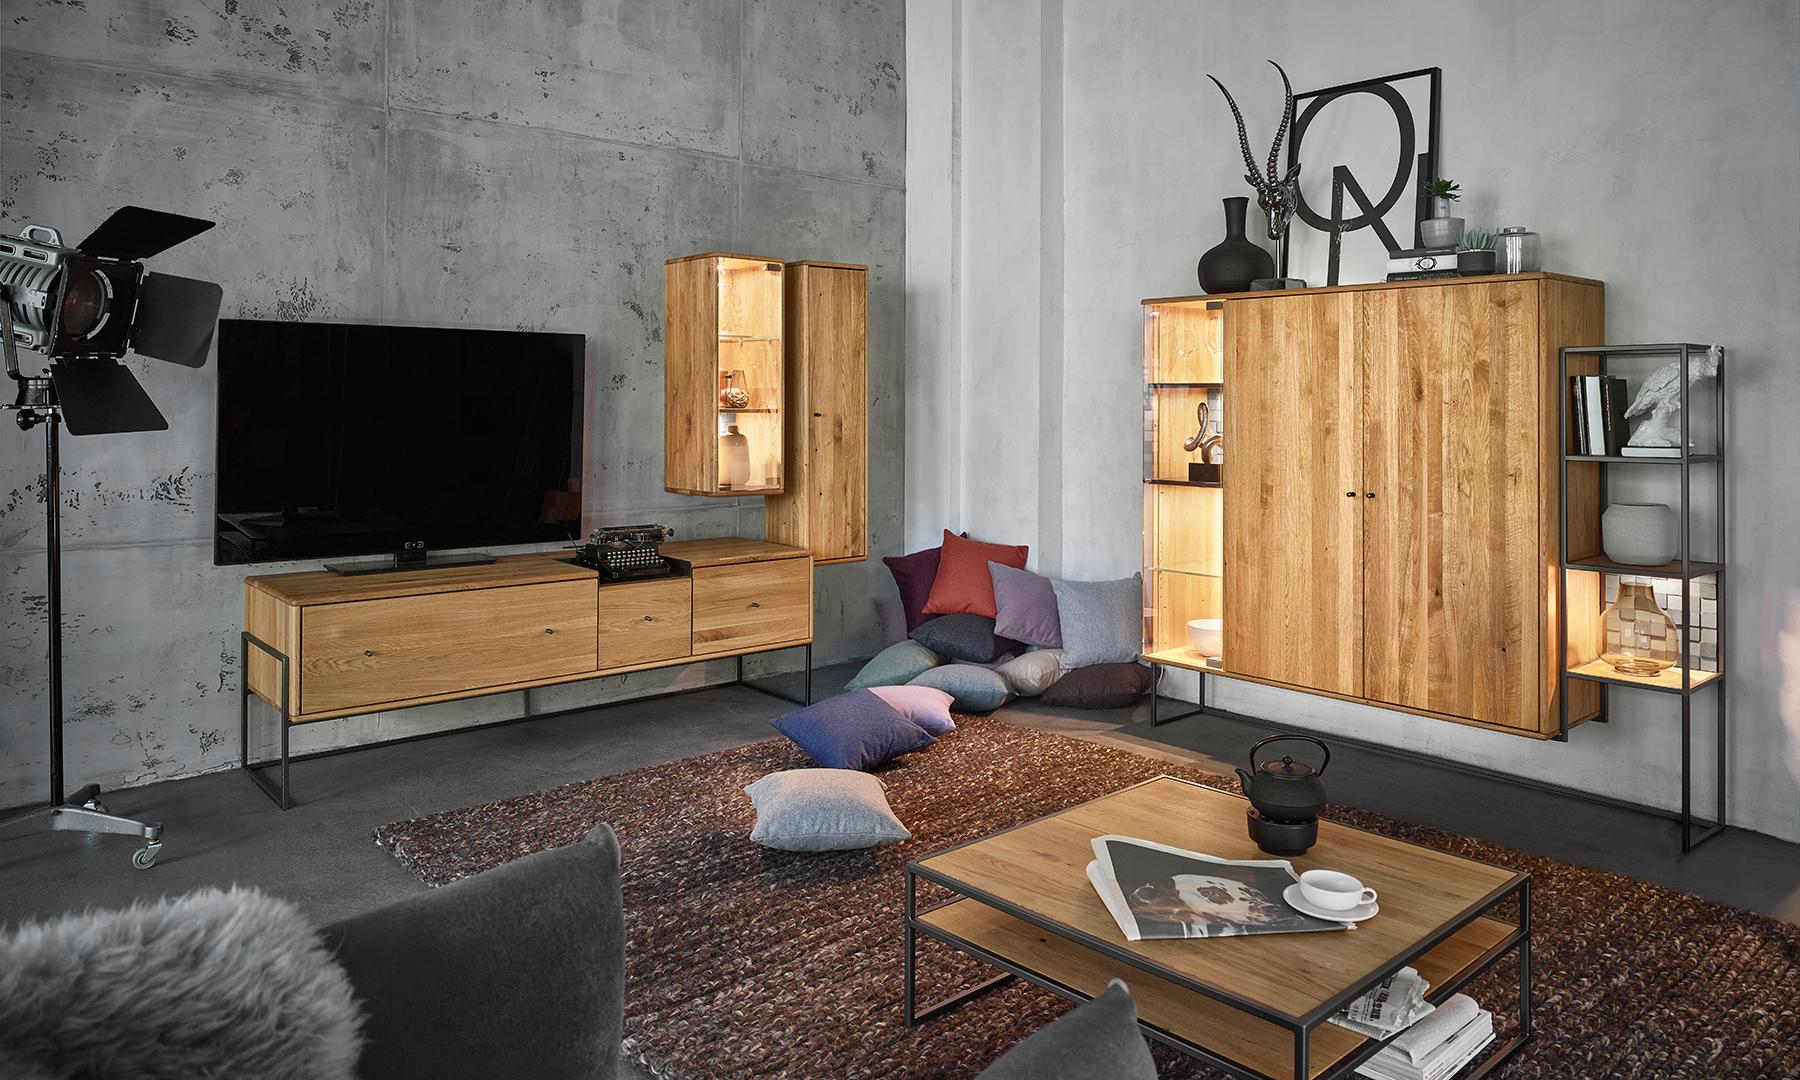 Die 3 Weisheiten für mehr Ordnung im Wohnzimmerschrank  WIMMER